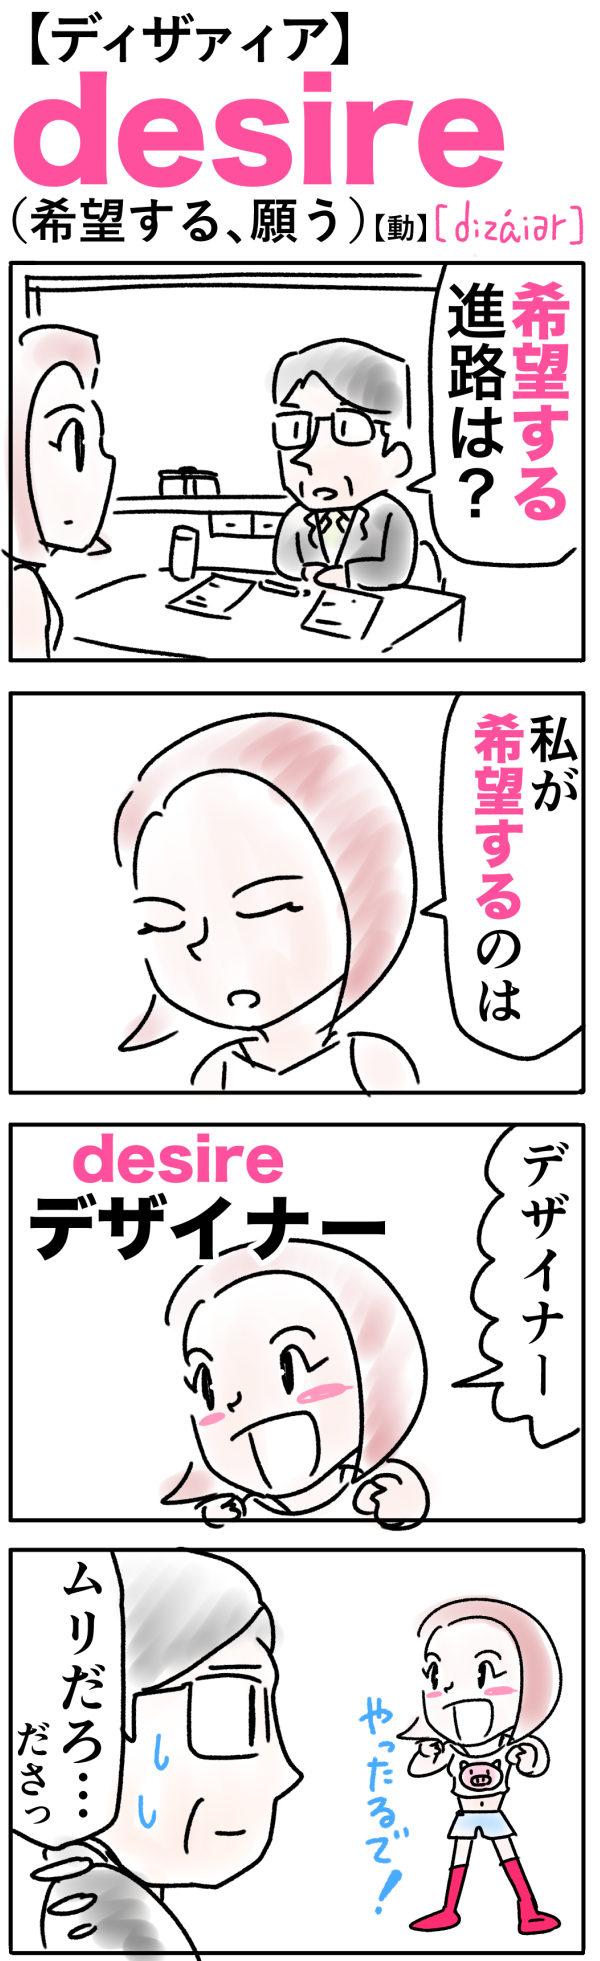 desire(希望する)の語呂合わせ英単語